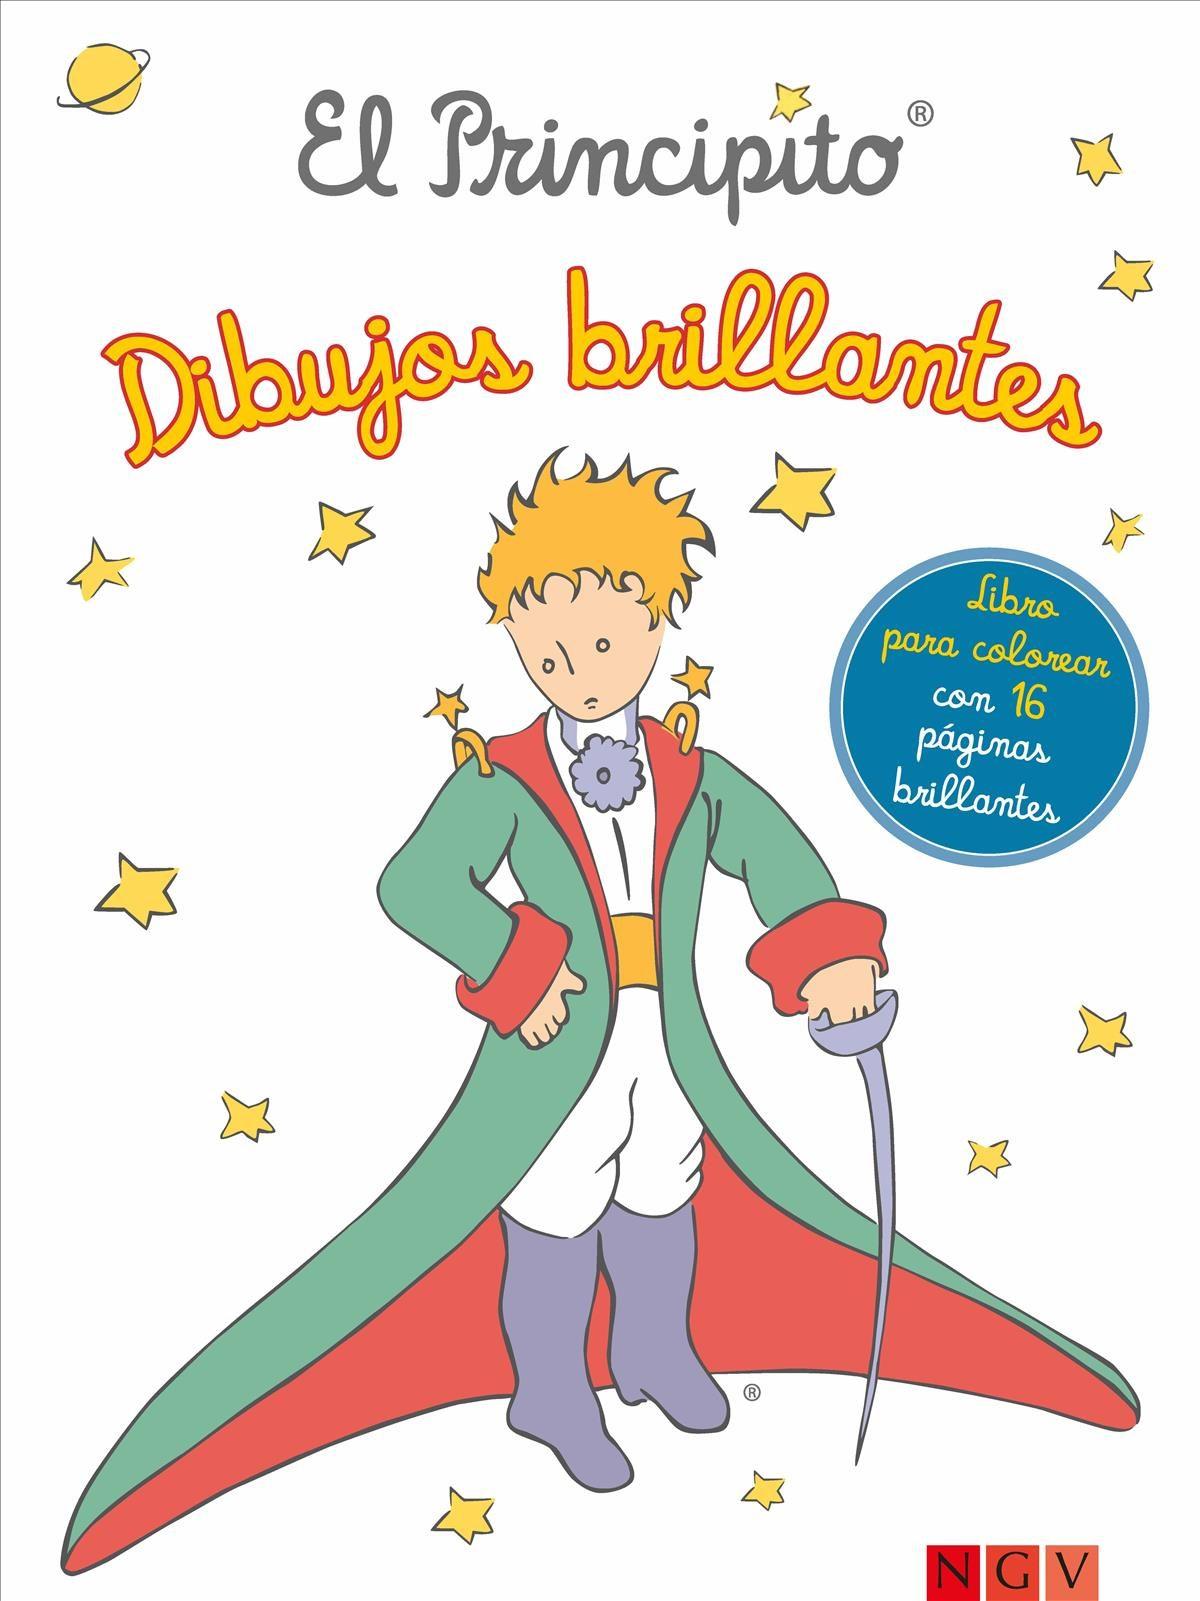 El Principito Dibujos Brillantes Vvaa Comprar Libro 9783849912215